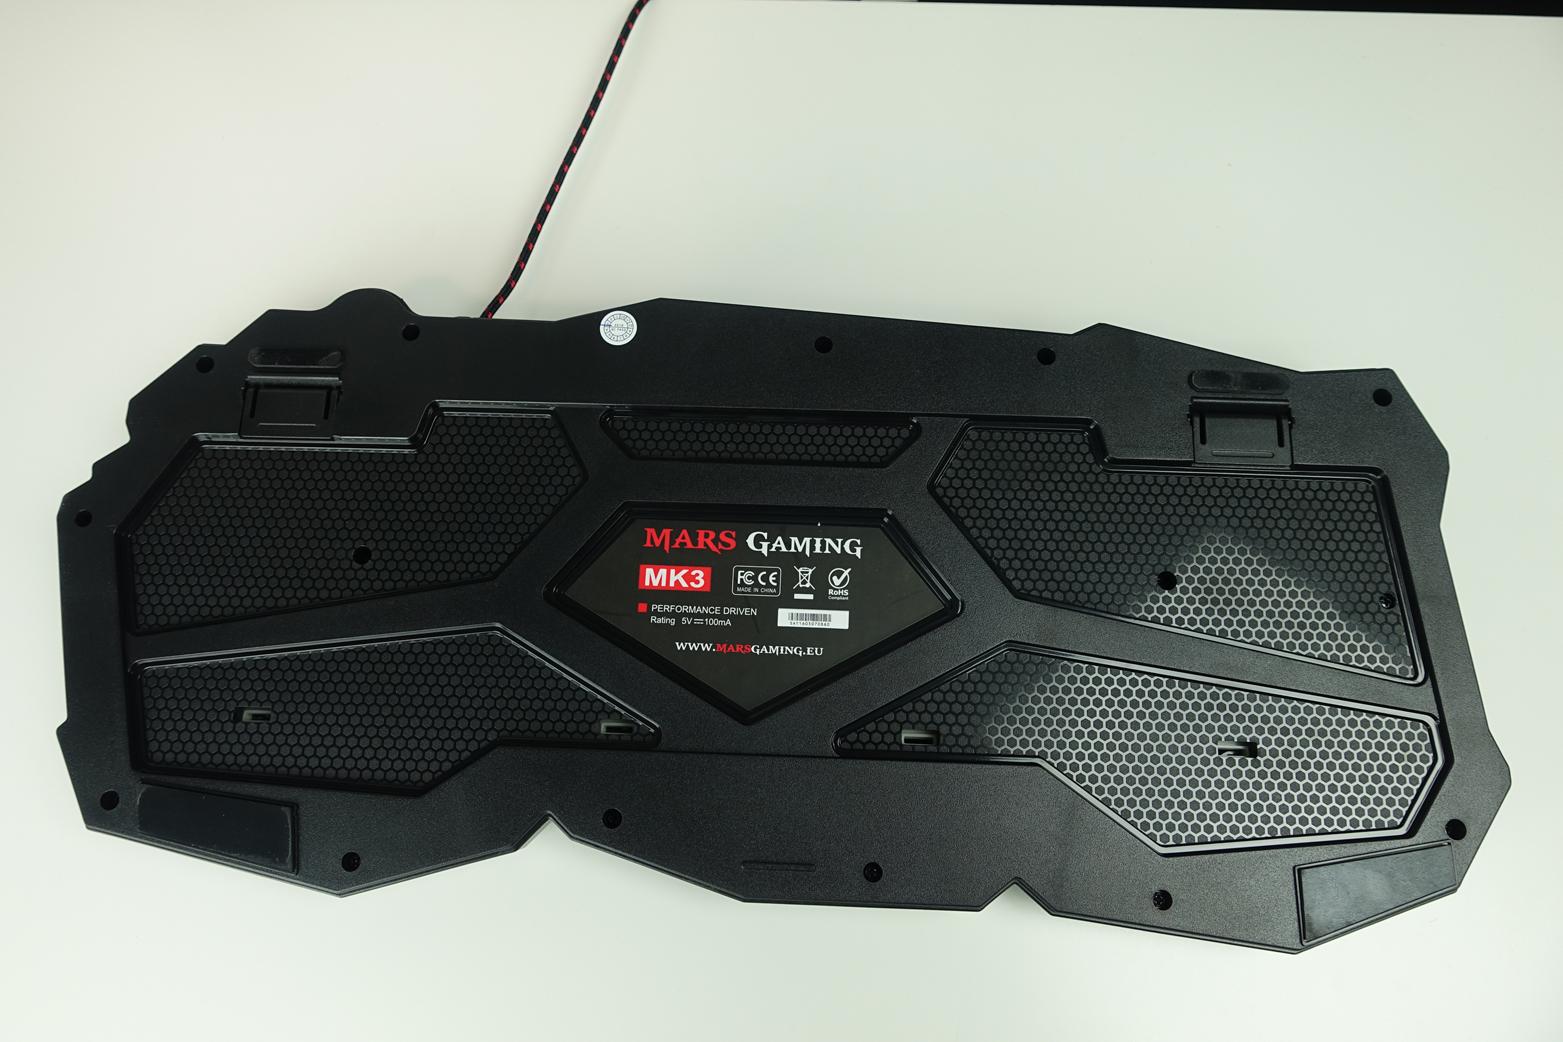 Teclado MK3 de Mars Gaming 2